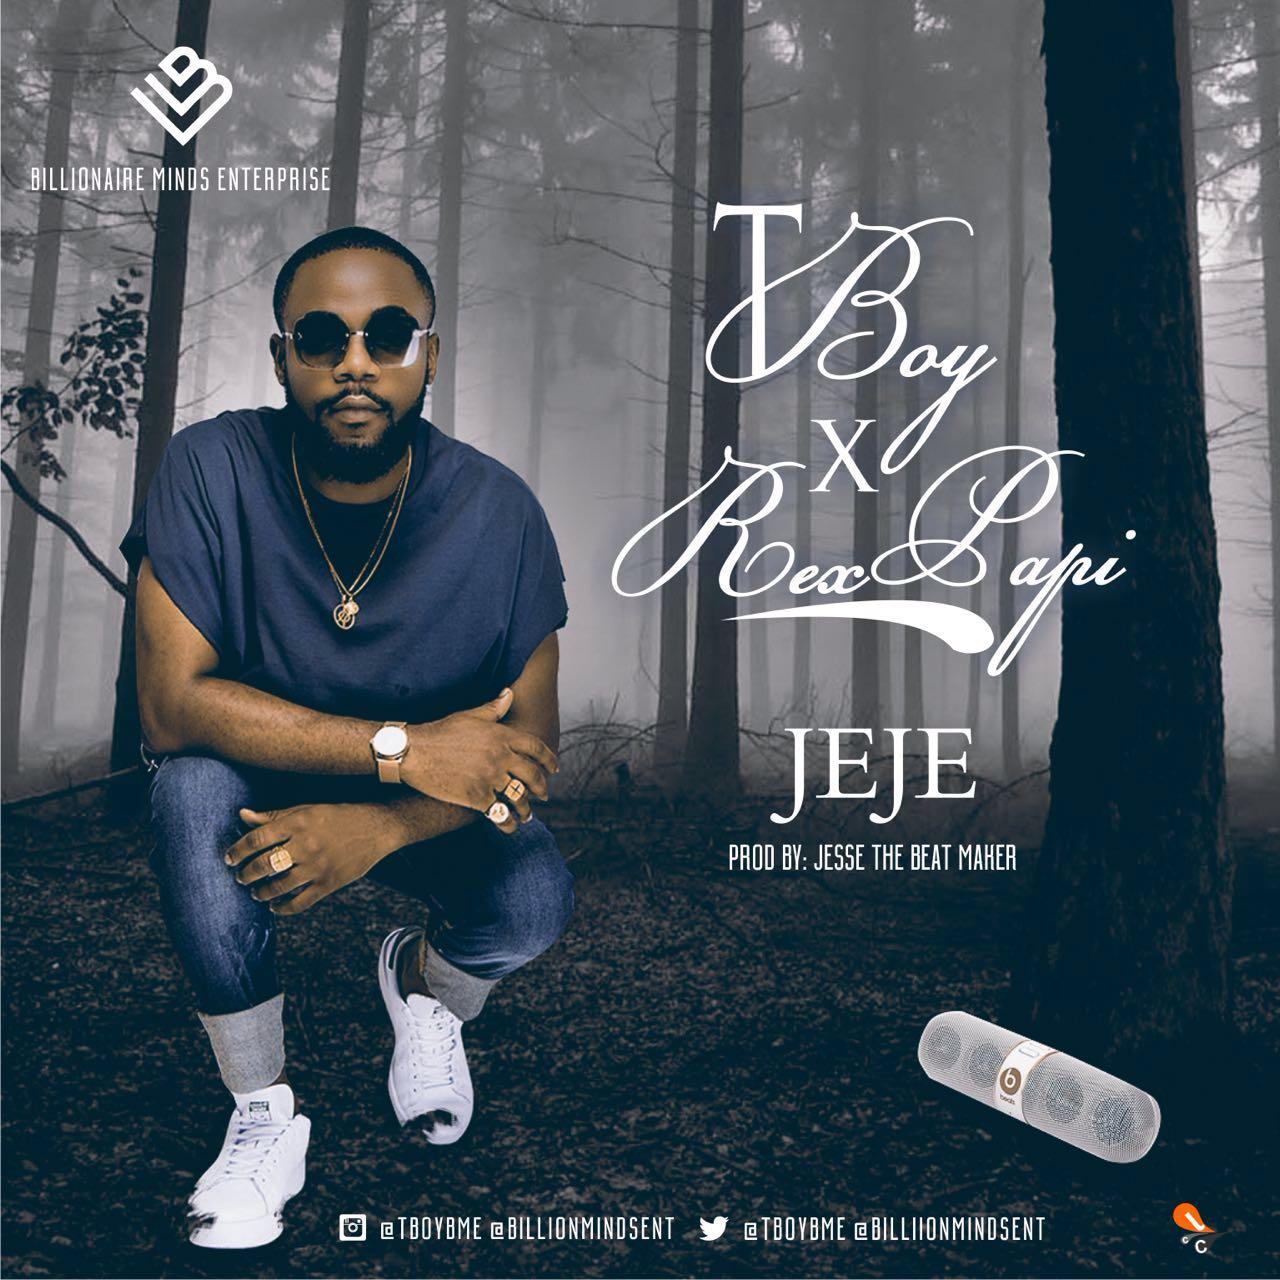 TBoy ft. Rex Papi - Jeje